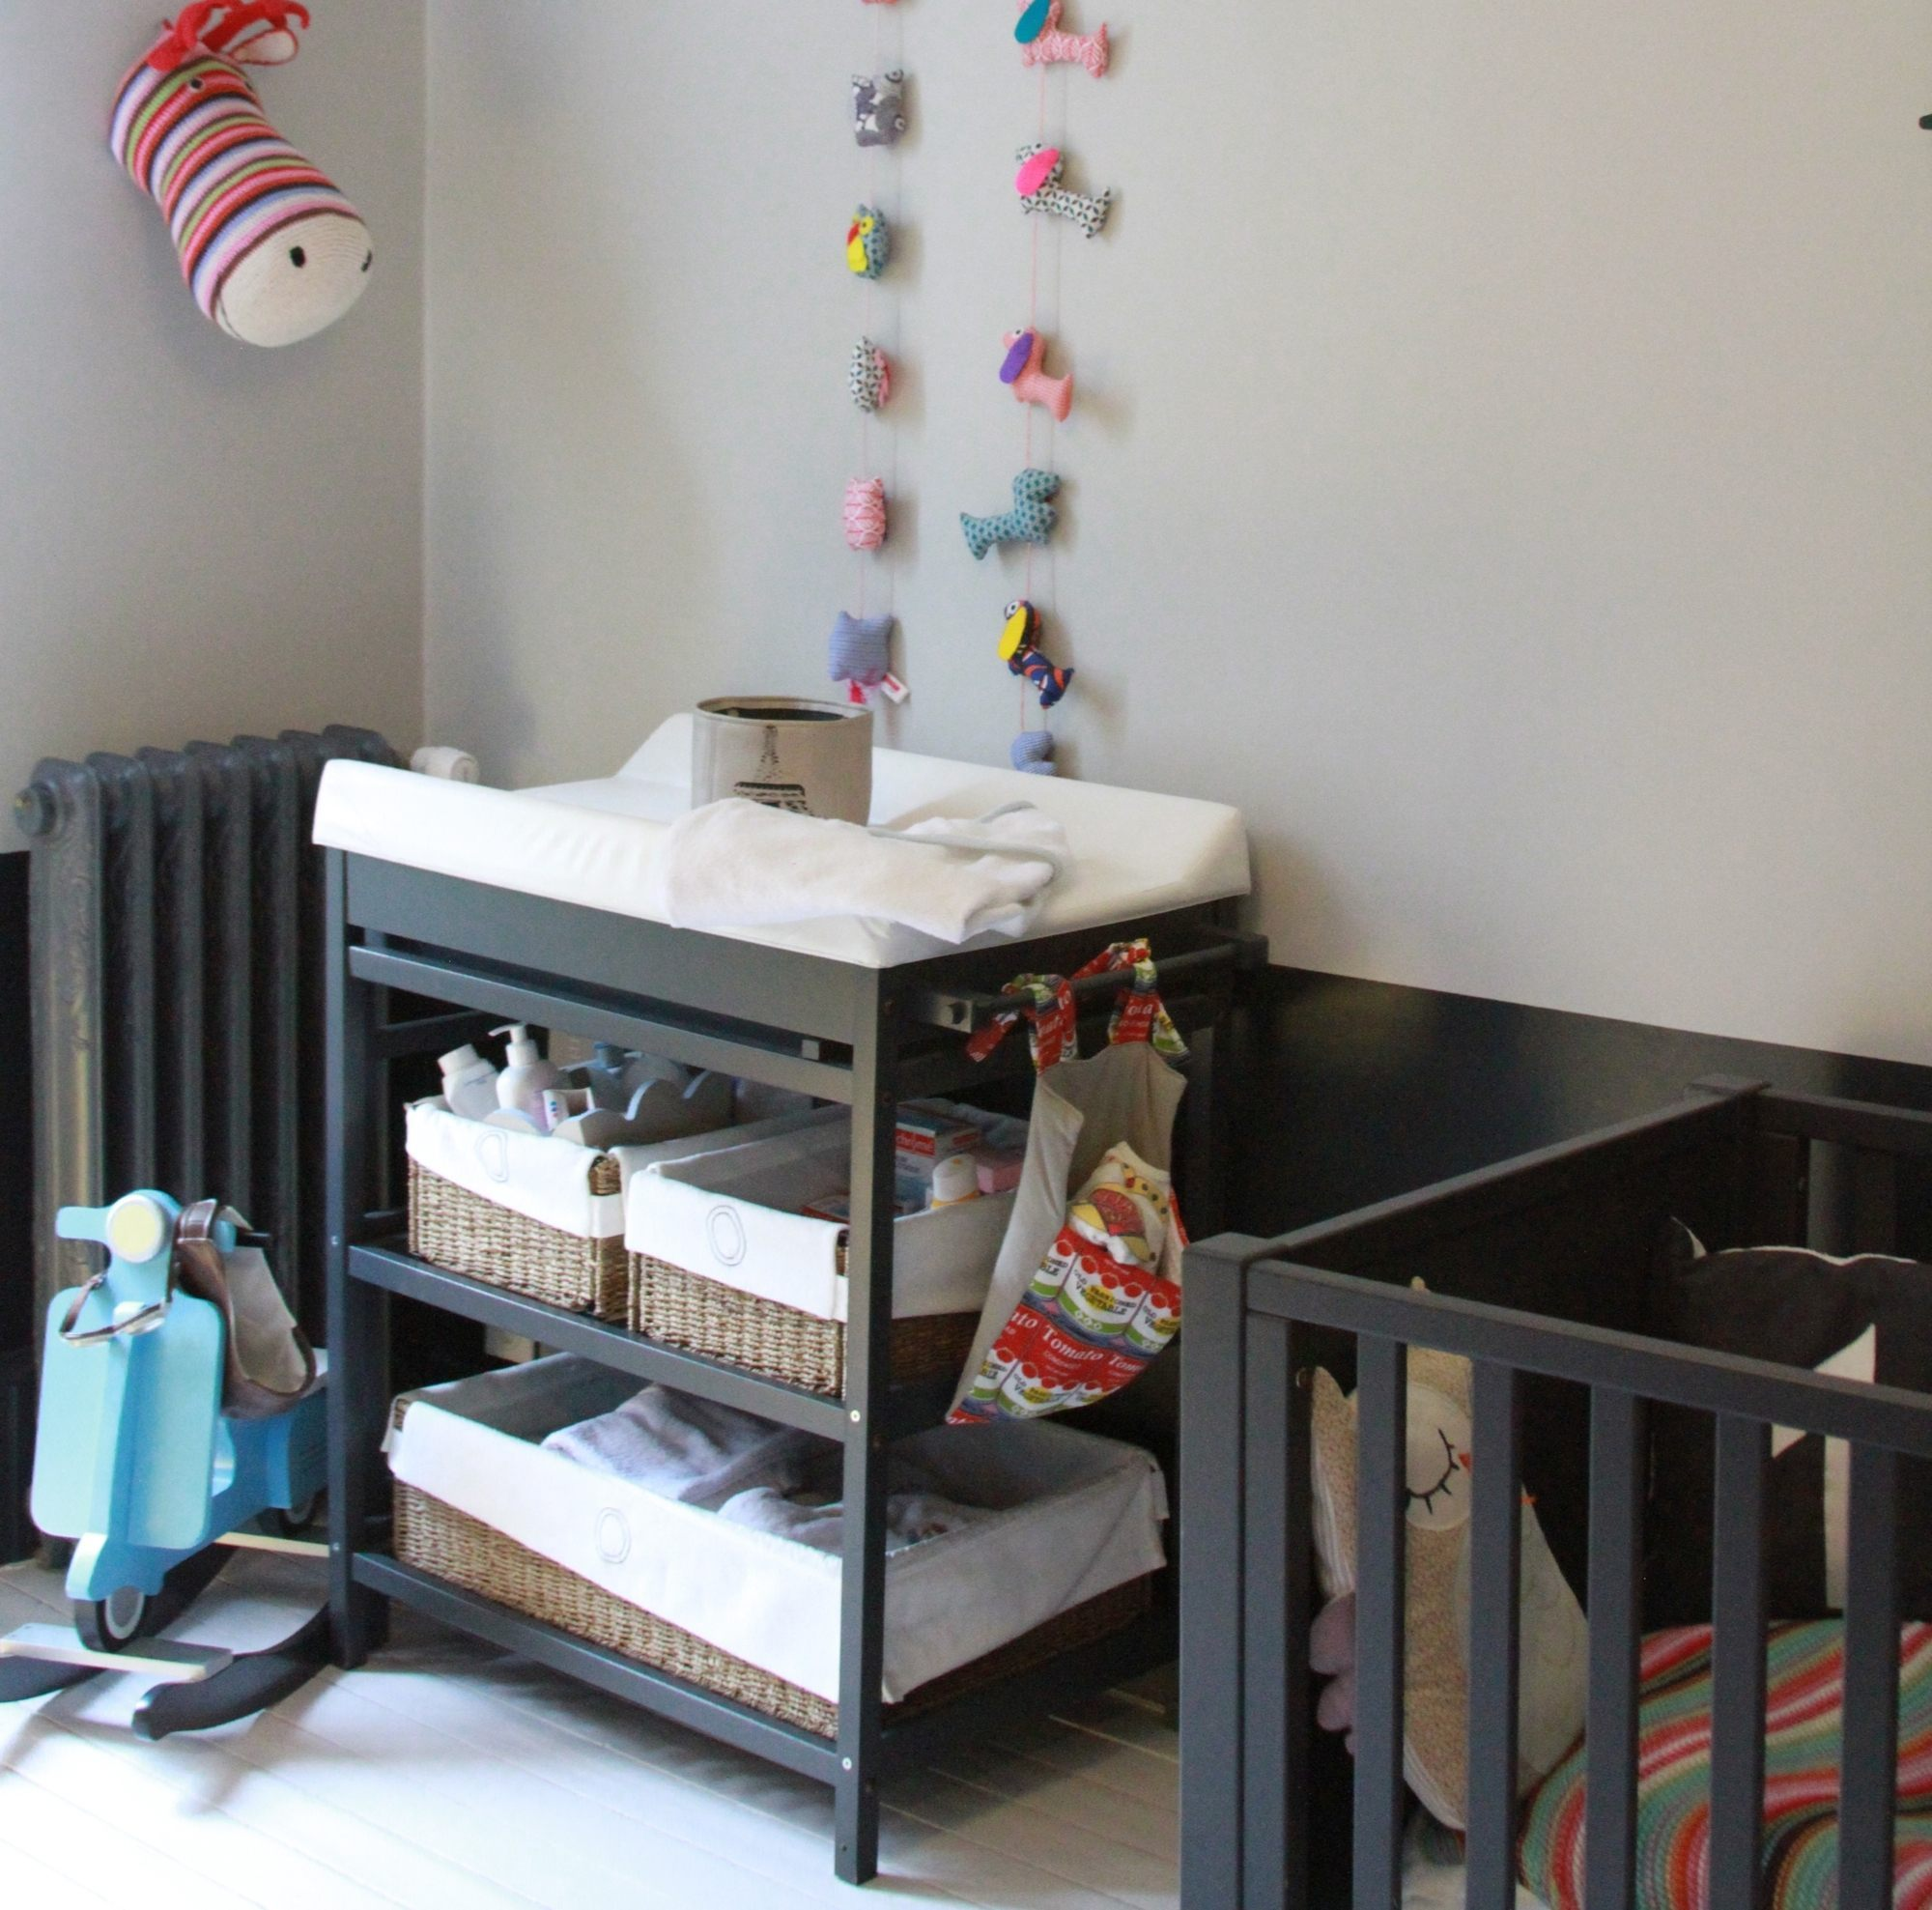 Parure De Lit Bébé Fille Magnifique Bébé Punaise De Lit Chambre Bébé Fille Inspirant Parc B C3 A9b C3 A9